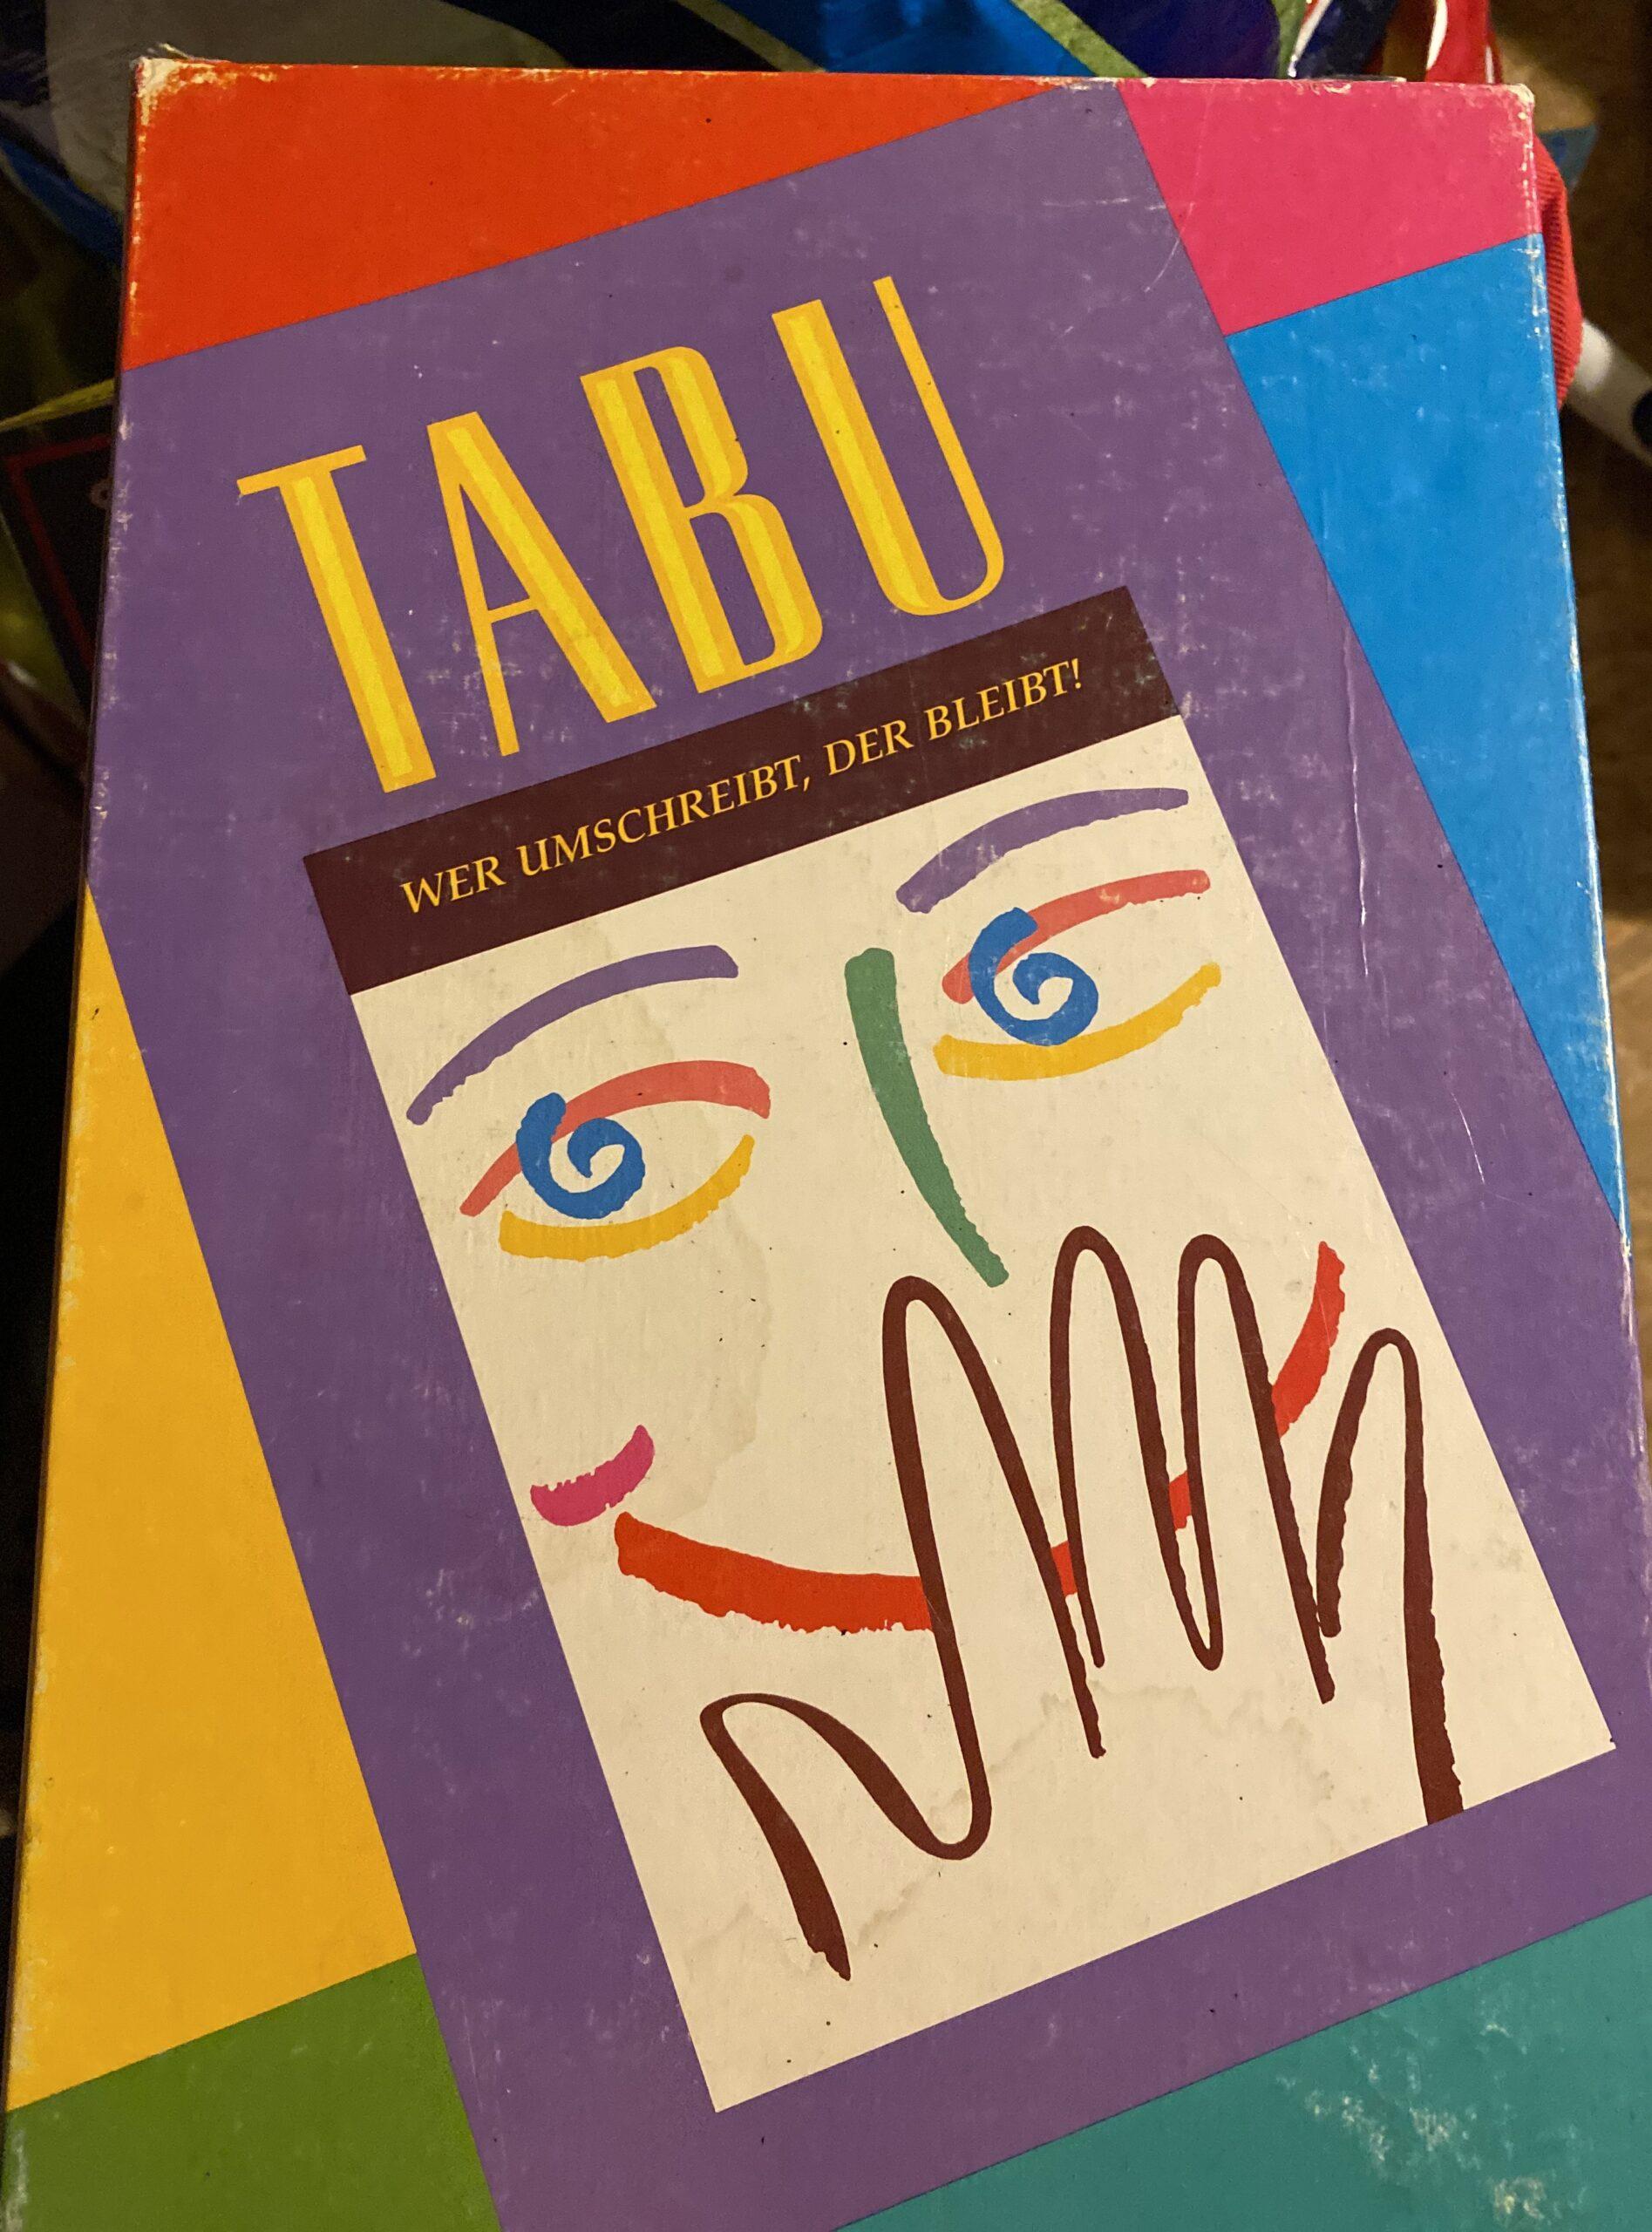 Spielregeln Tabu